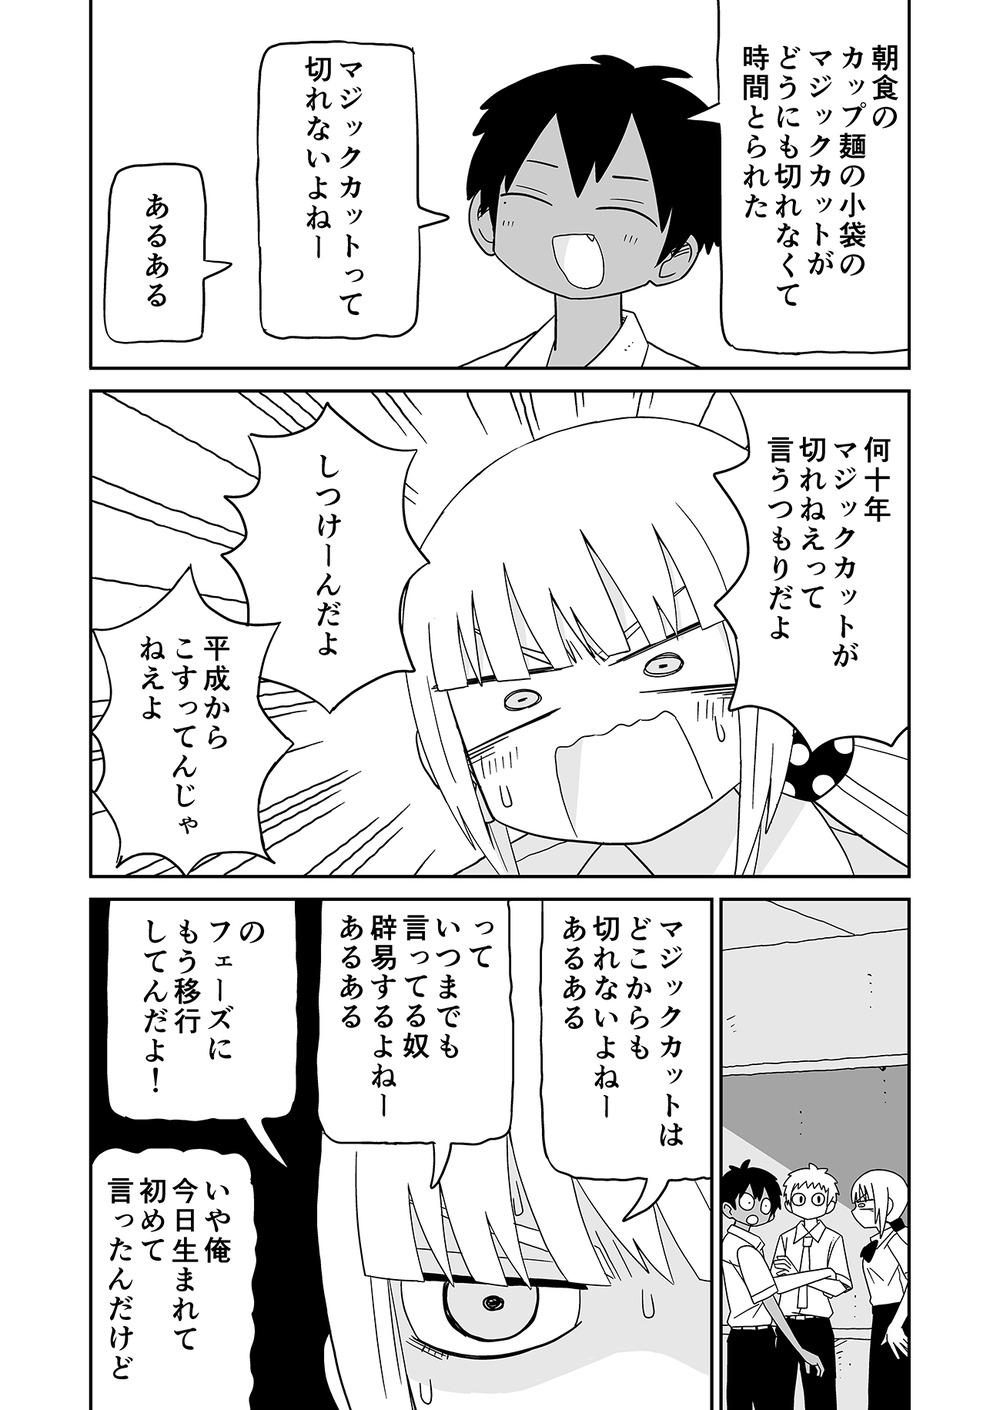 潮舞データオマケ30005